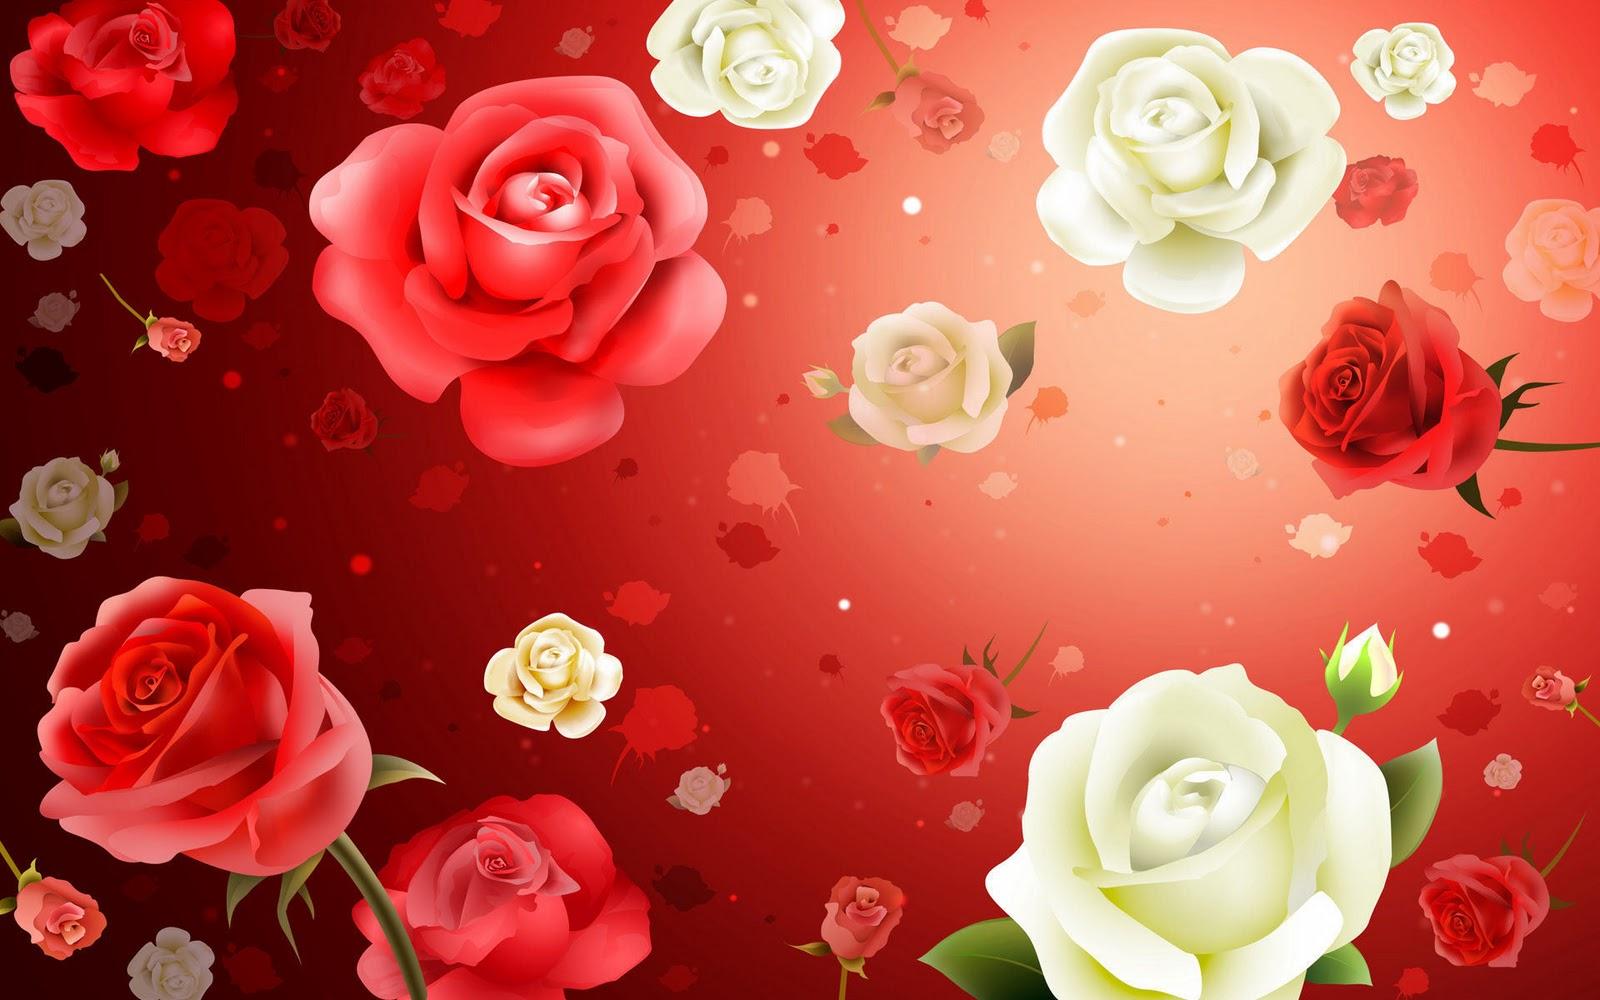 Colorful Rose Wallpapers Fantastic Colorful Rose Pics  HD